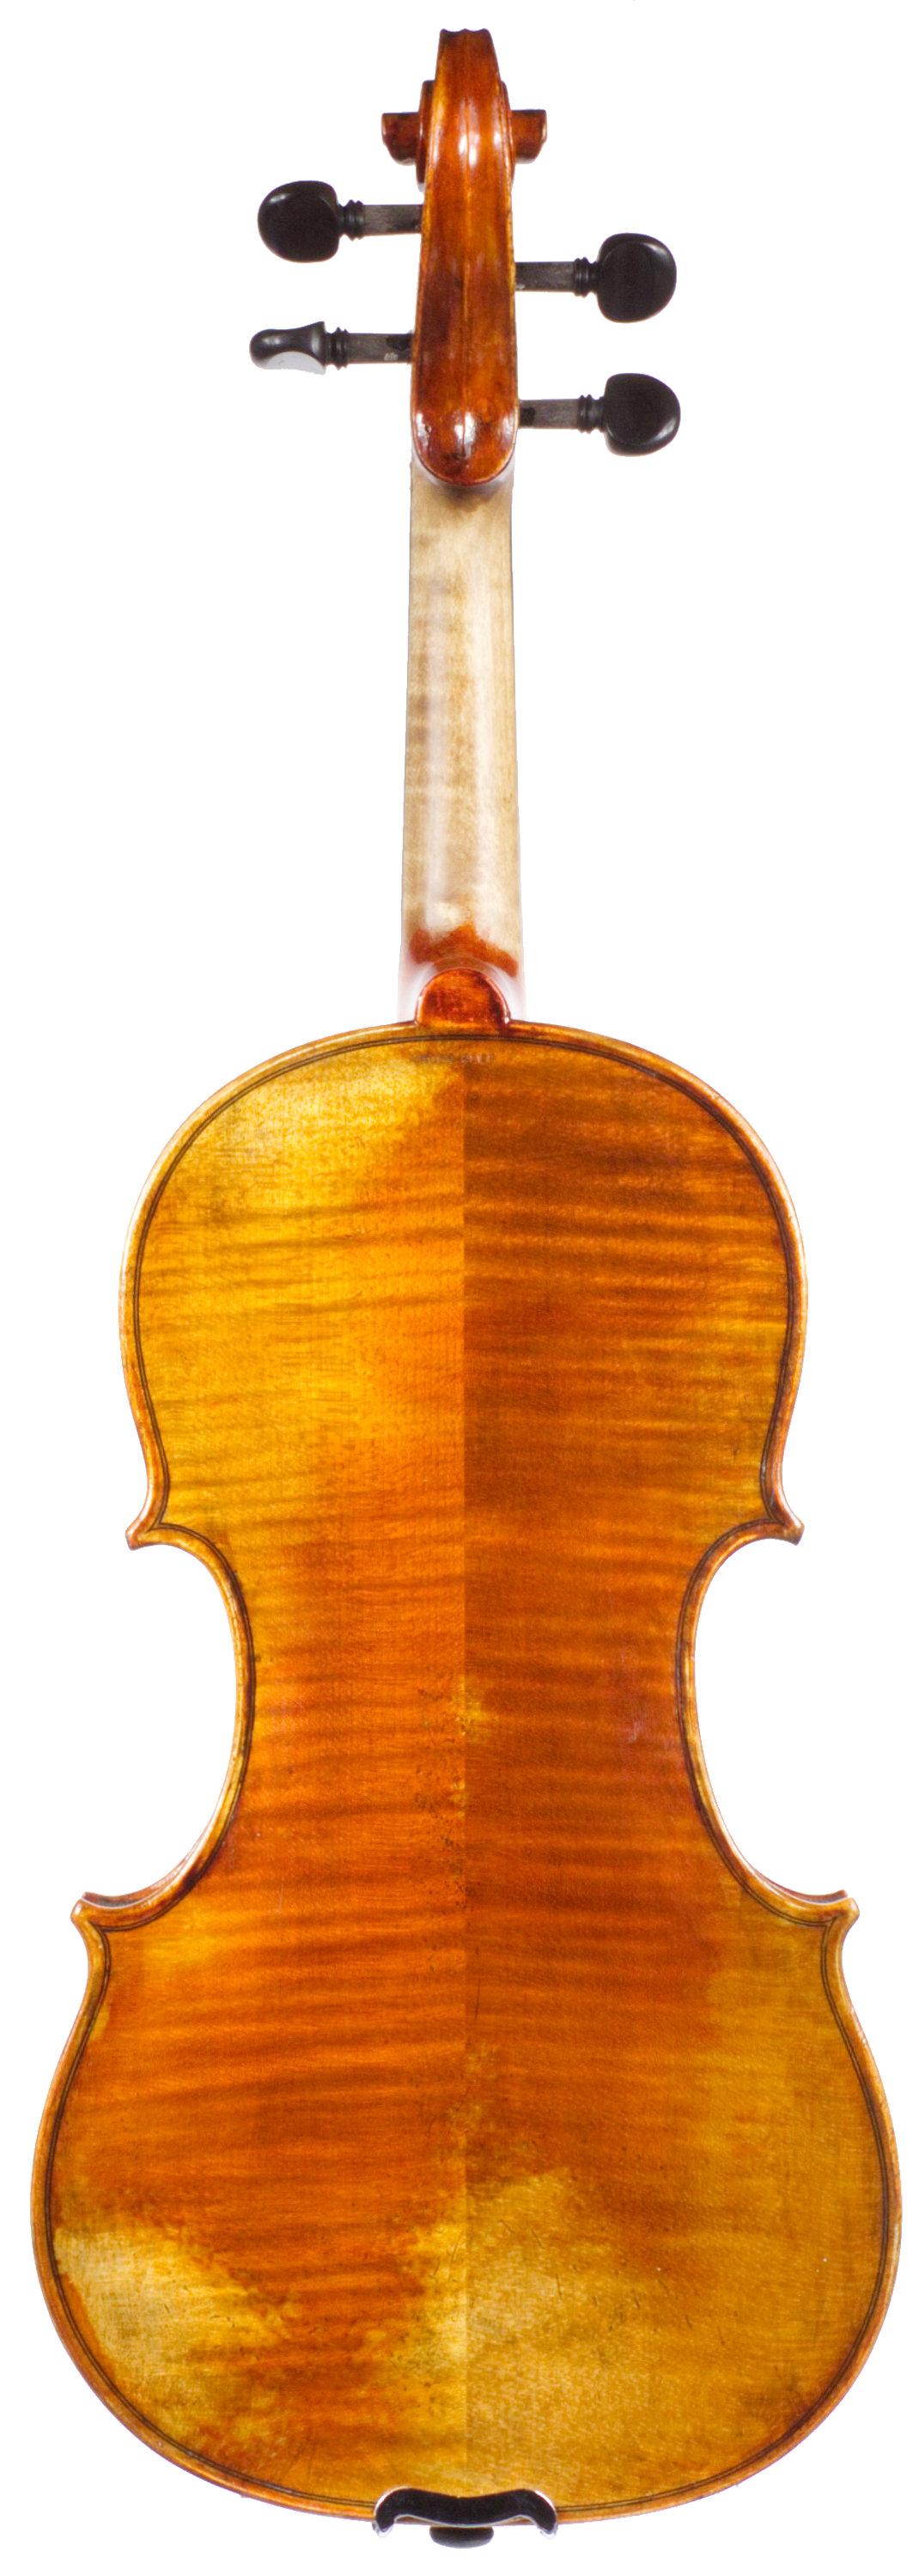 Jurgen Klier violin